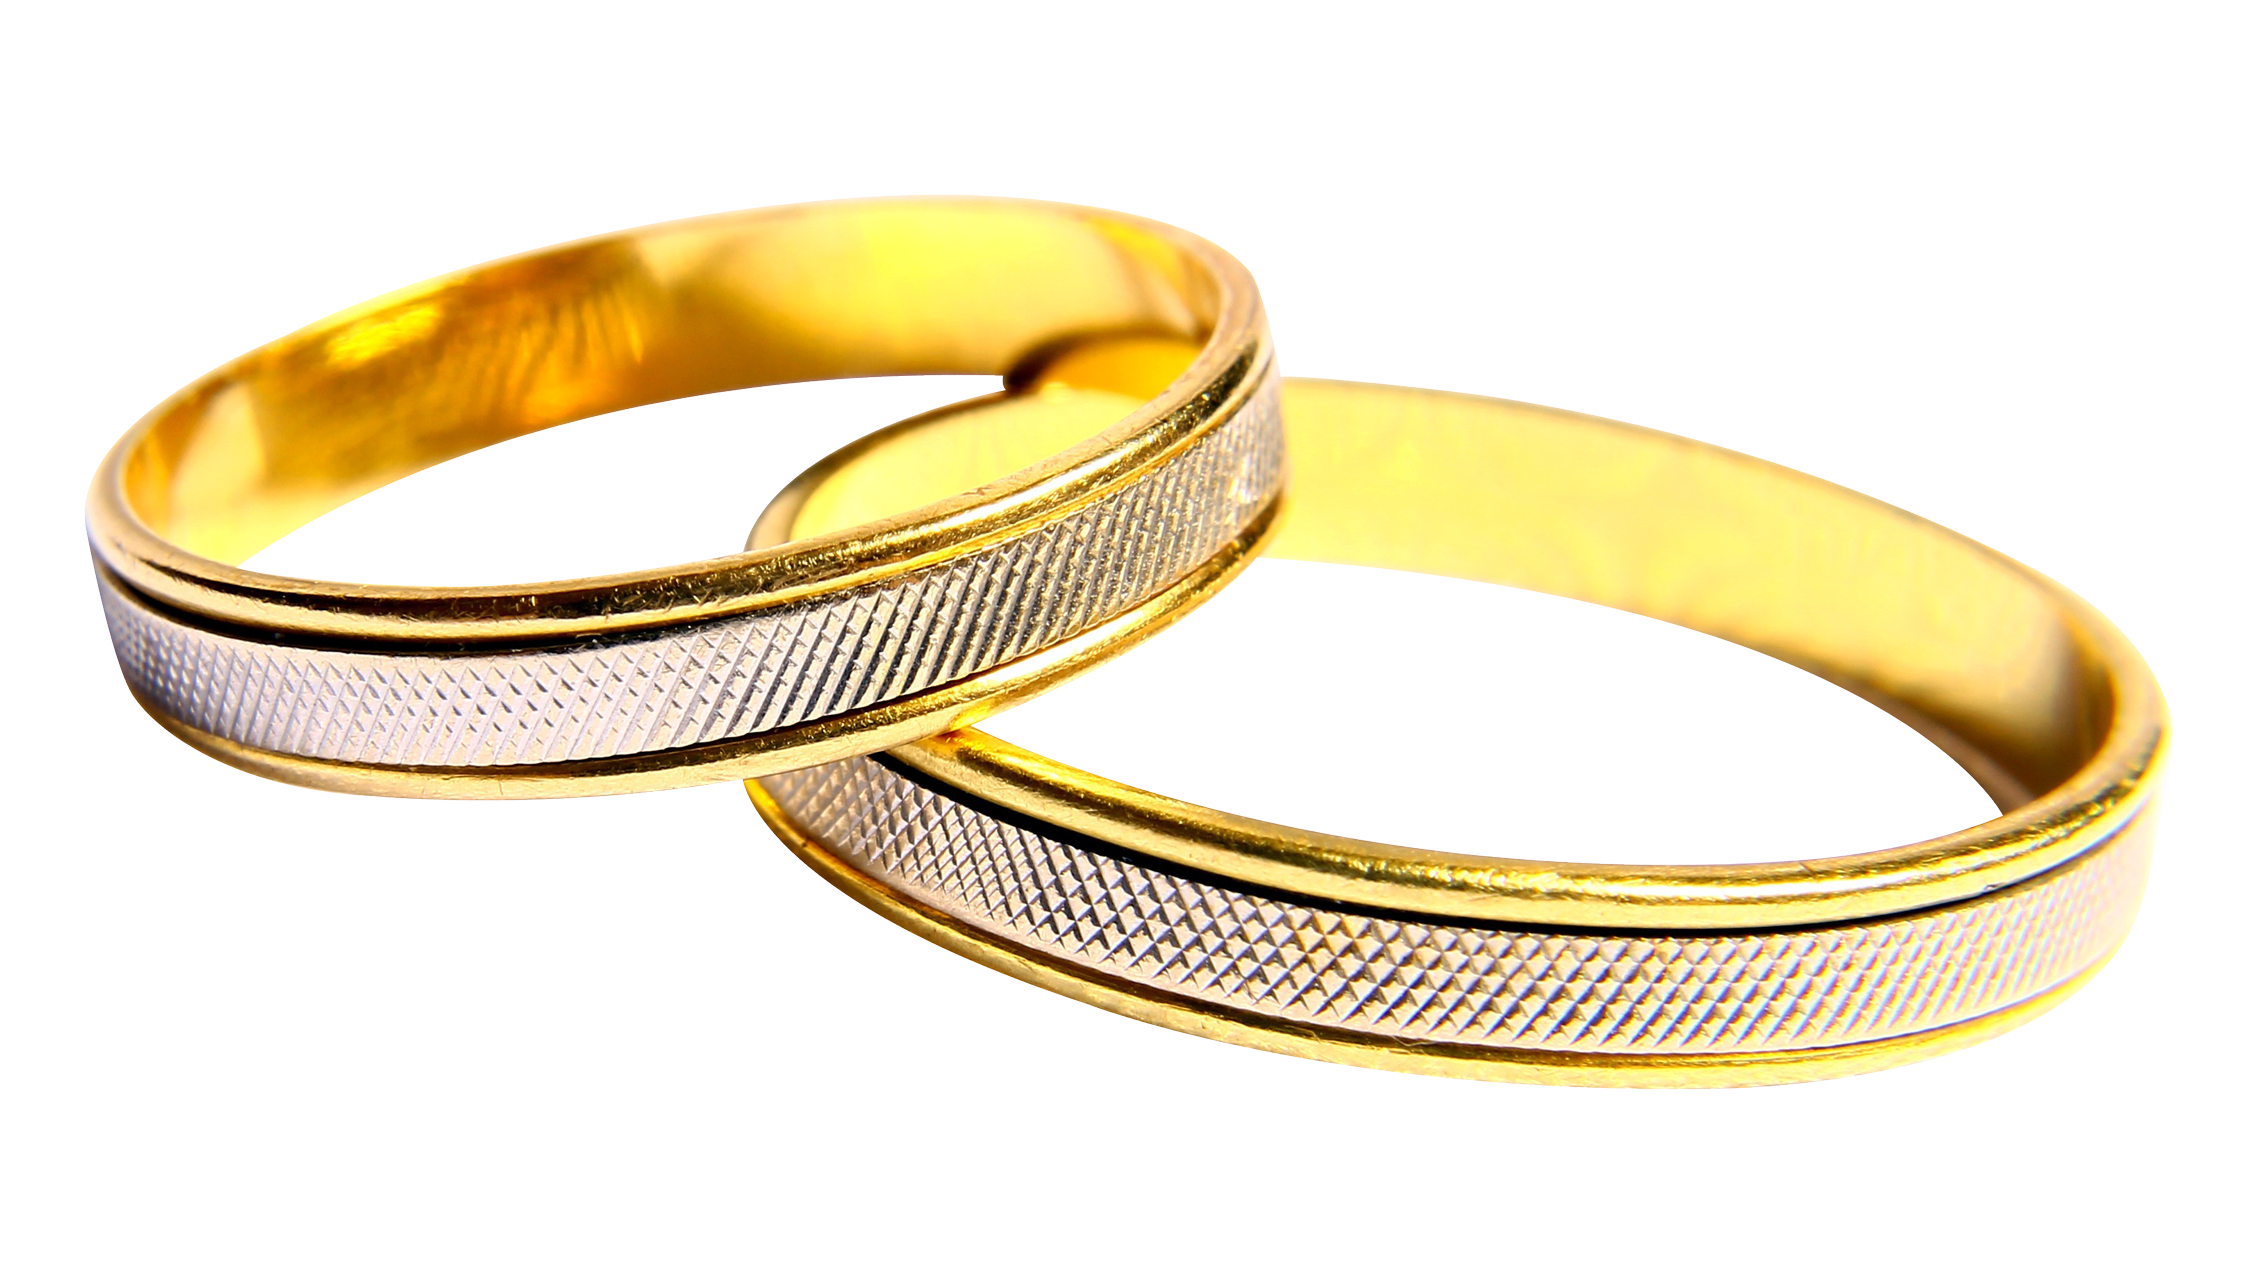 Wedding Rings PNG Image.